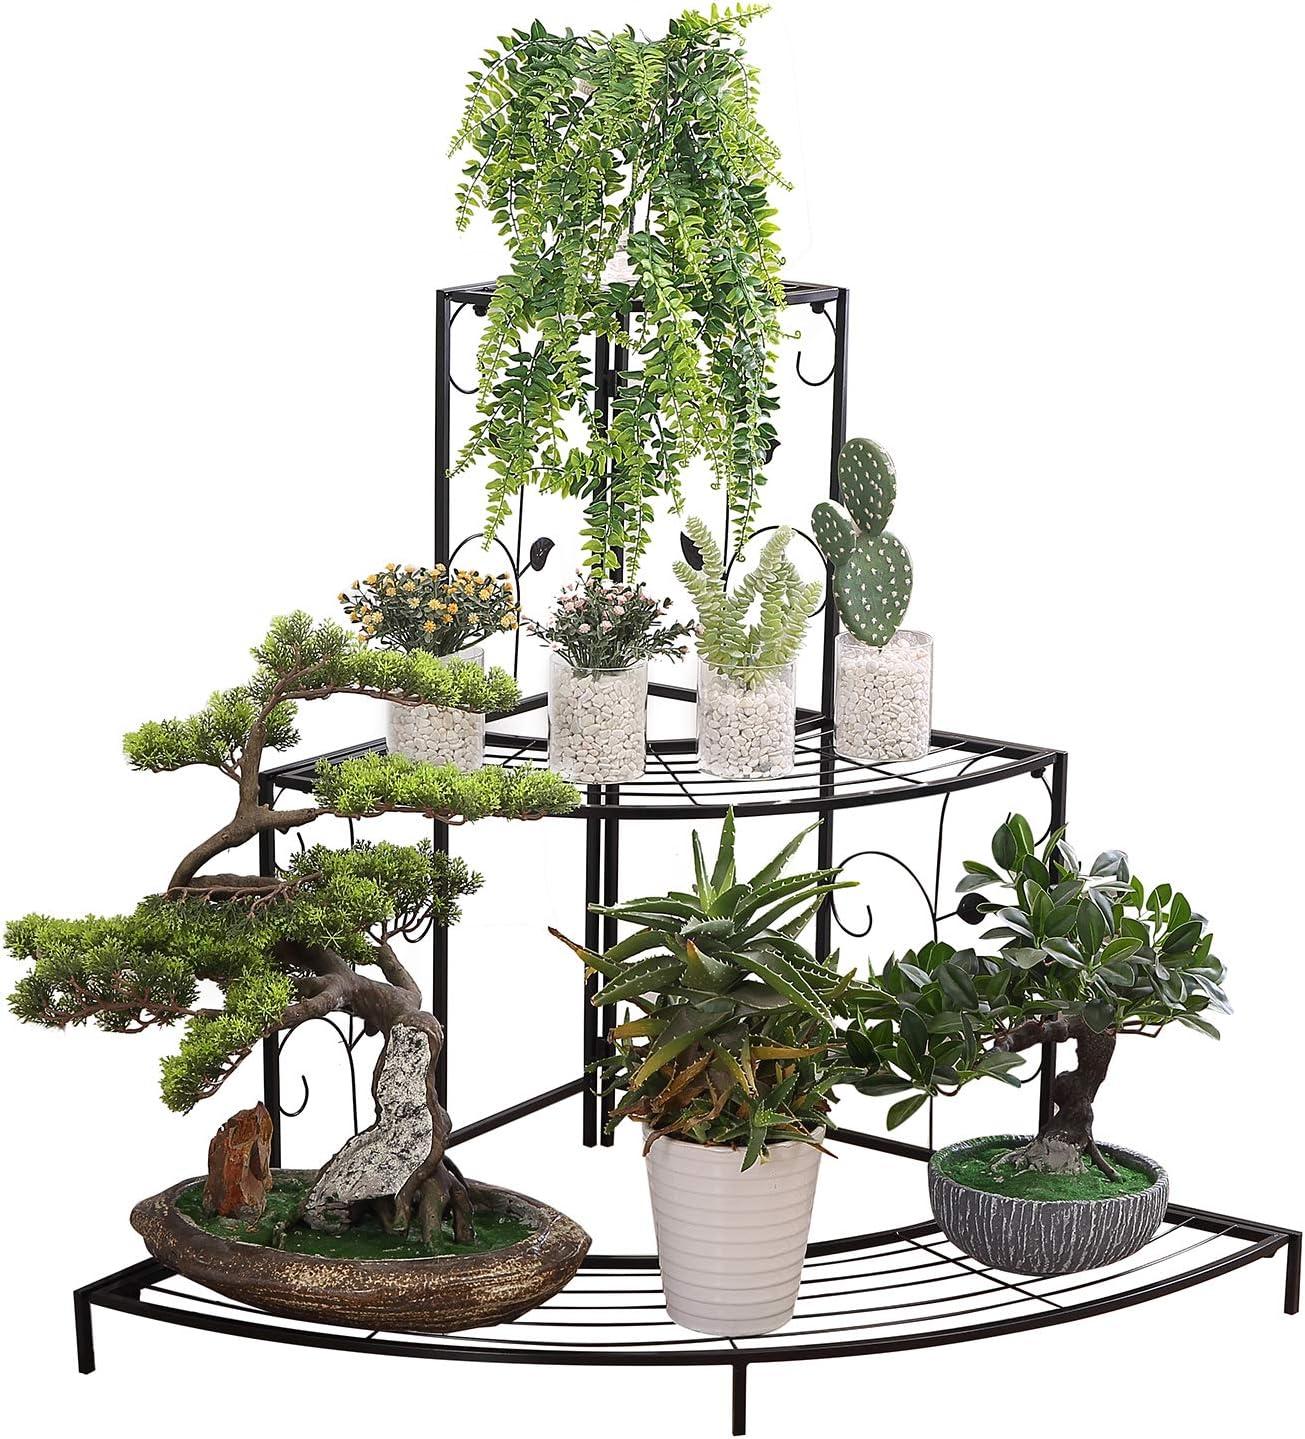 Acornfort G311 3 Tiers Large Black Metal Garden Plant Flower Display Stand Outdoor Corner Shelves 85 X 60 X 65 Cm Amazon Co Uk Garden Outdoors